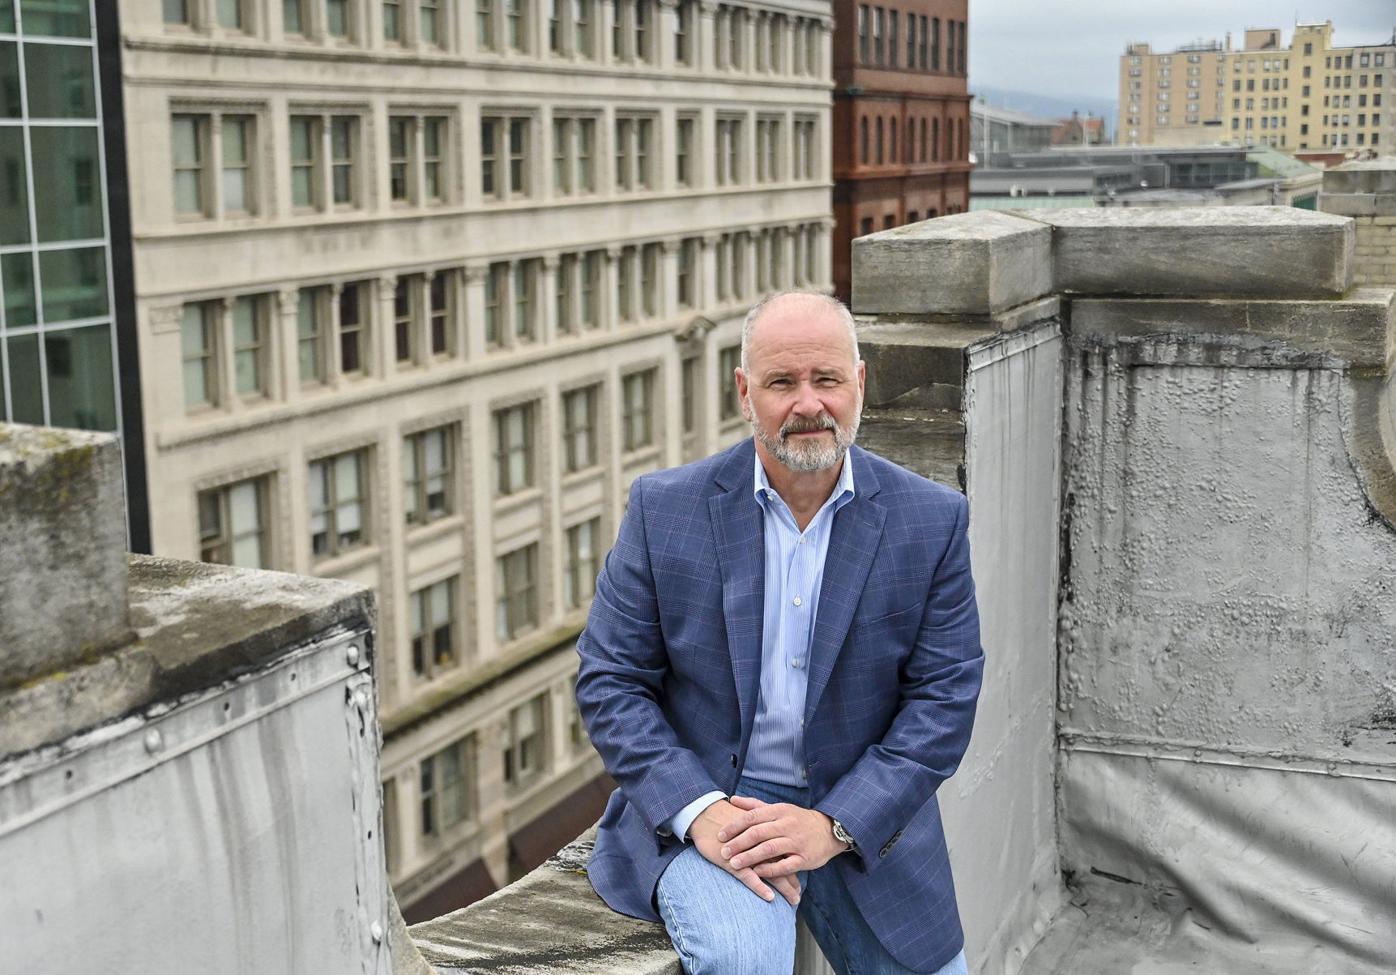 Developer Charles Jefferson possesses eye for opportunity